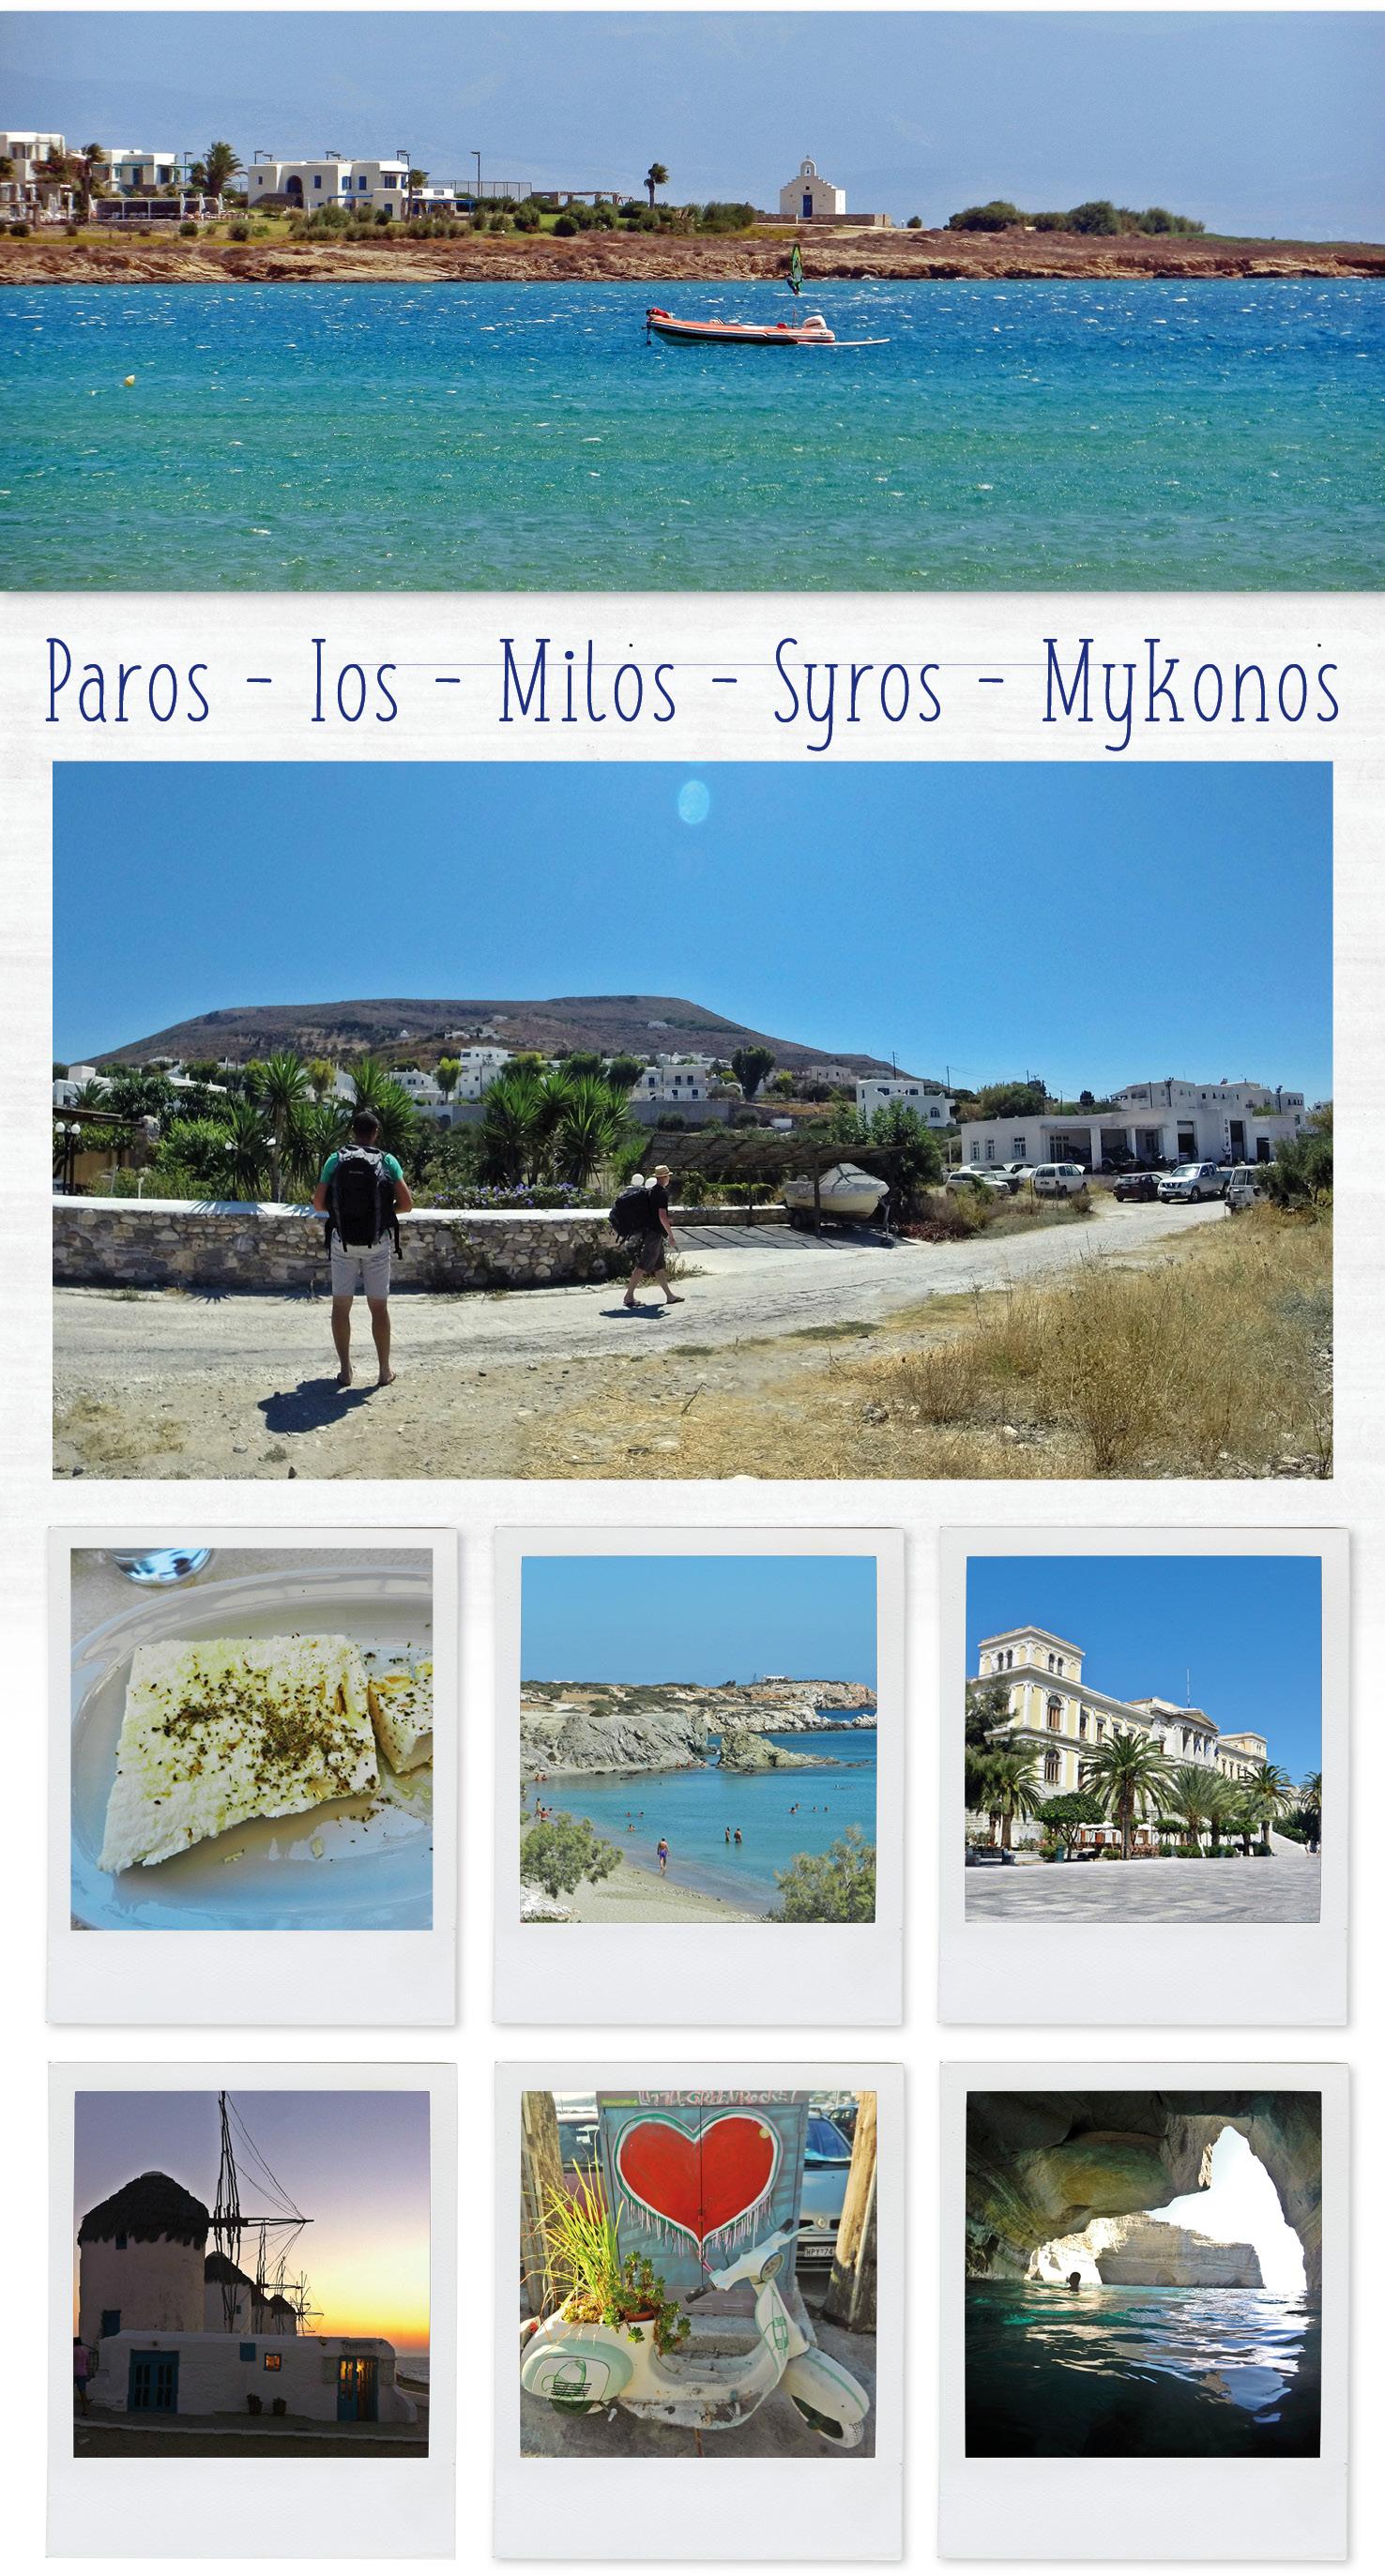 La mer bleue à Paros dans les Cyclades en Grèce. Fromage Fêta et moulin à Mykonos